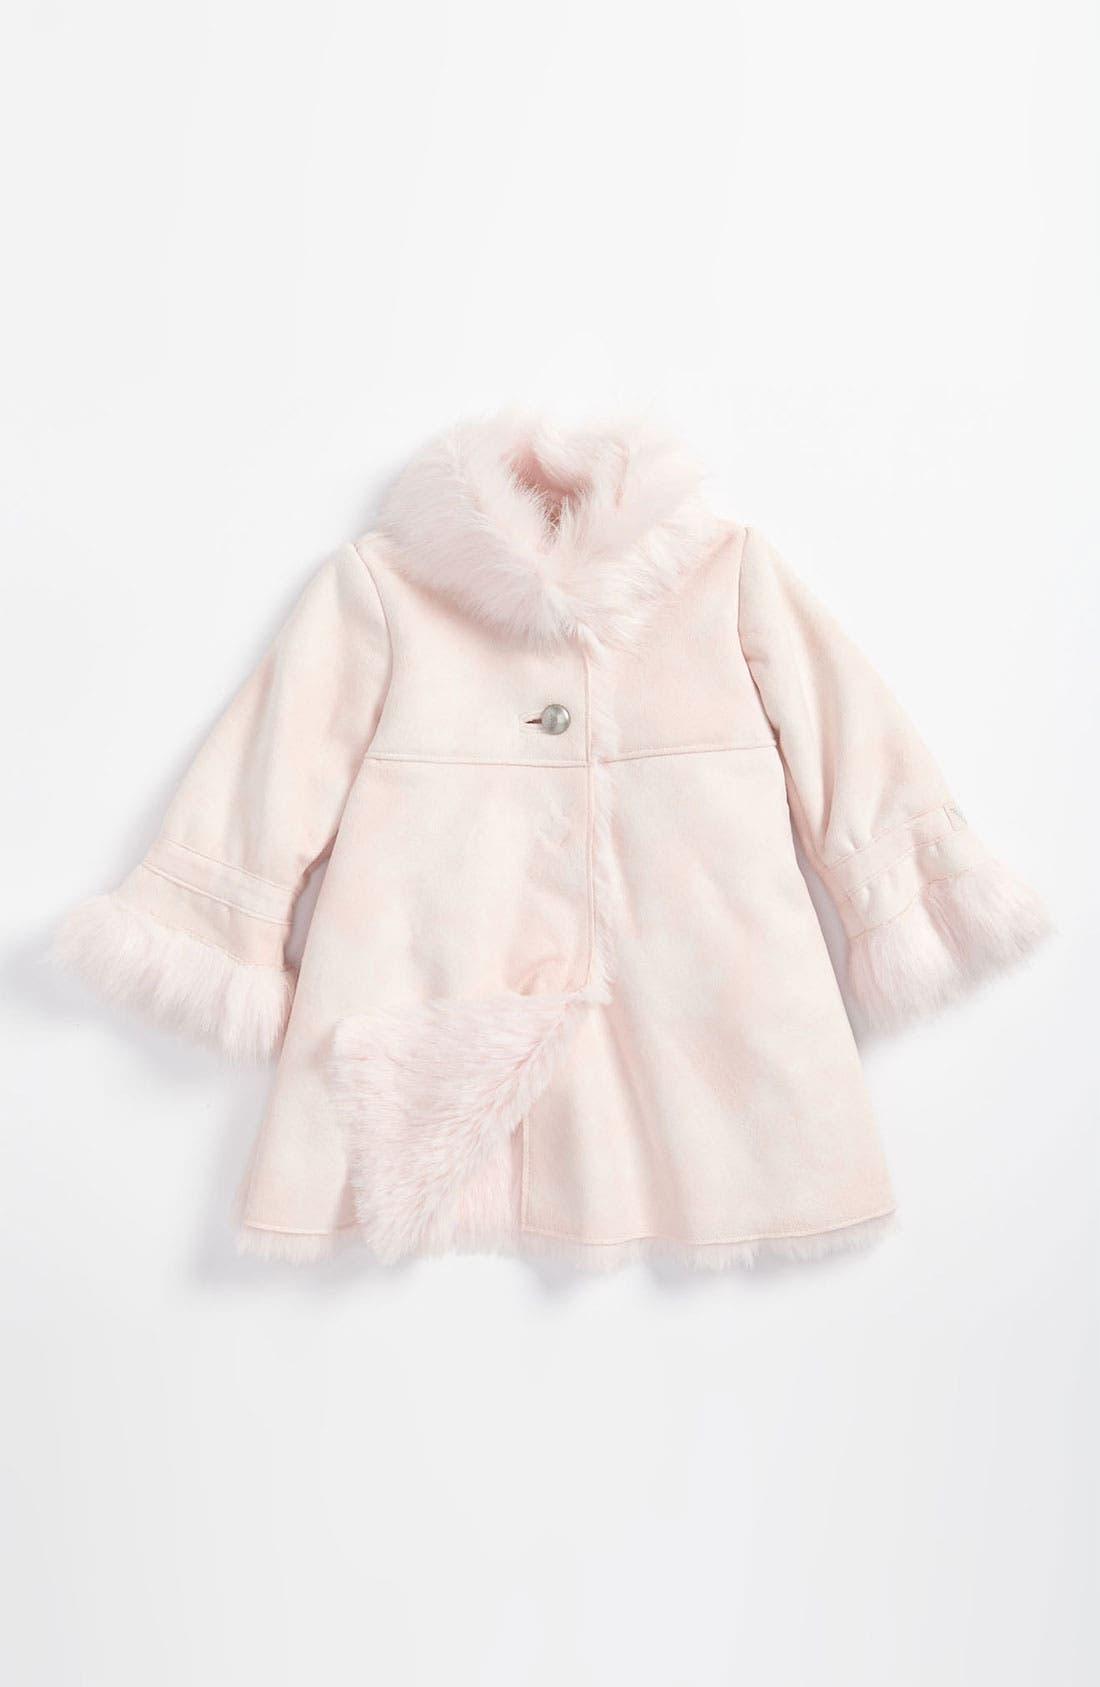 Alternate Image 1 Selected - Armani Junior Faux Fur Coat (Infant)